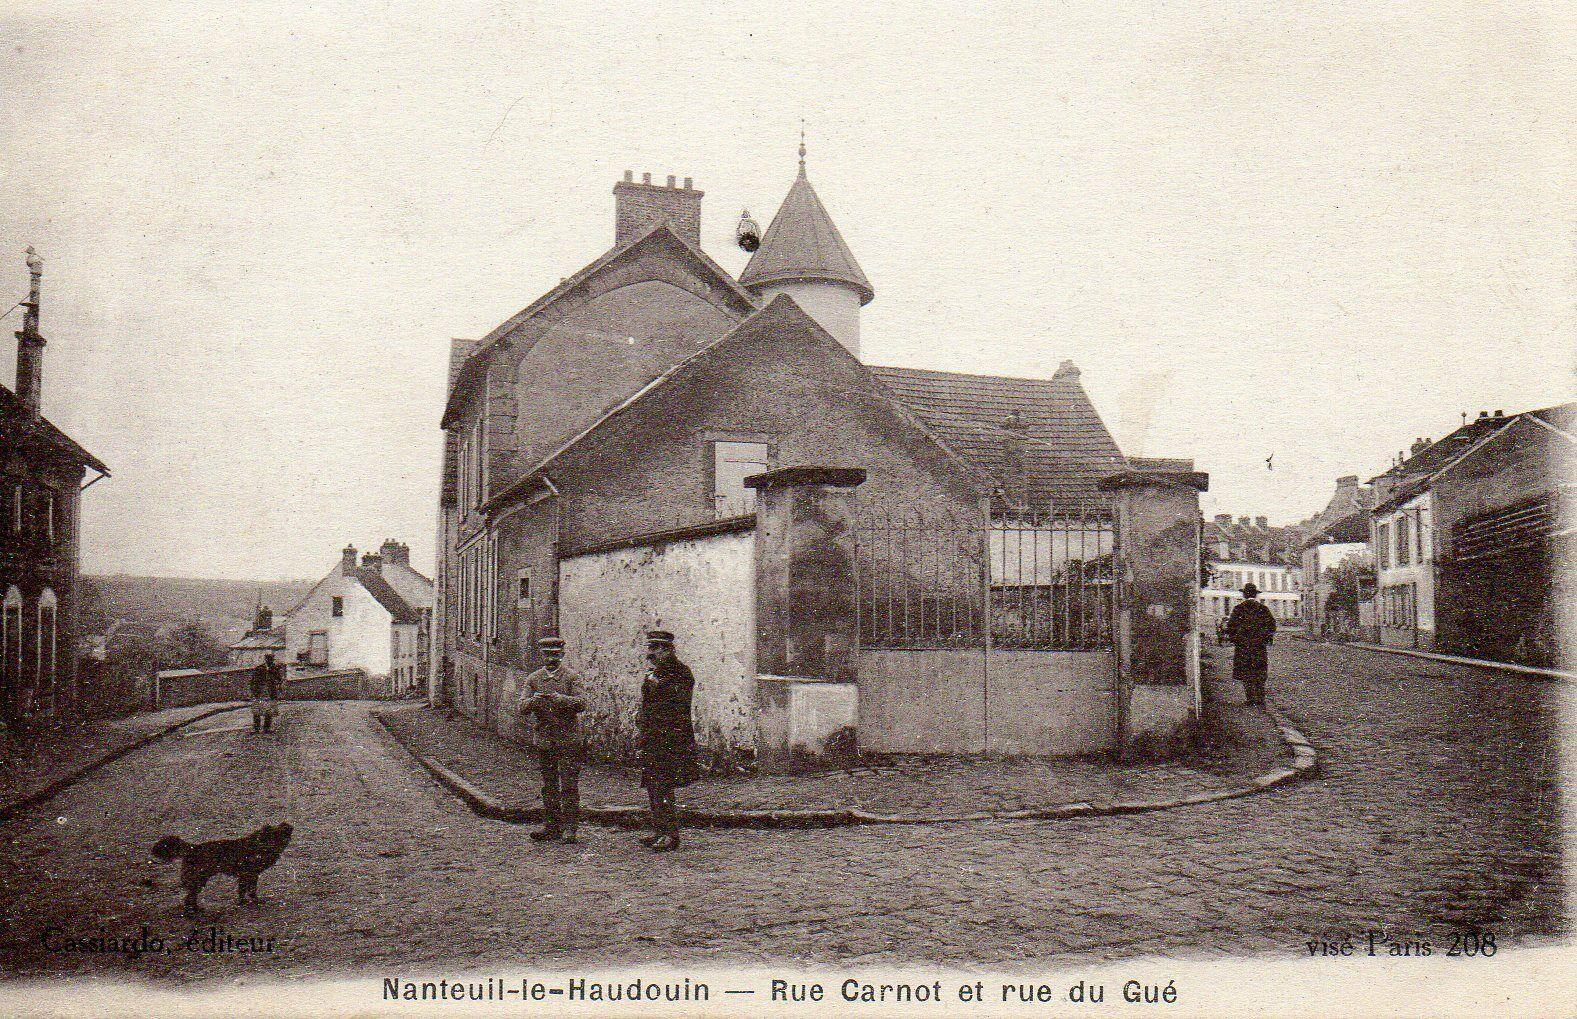 Nanteuil